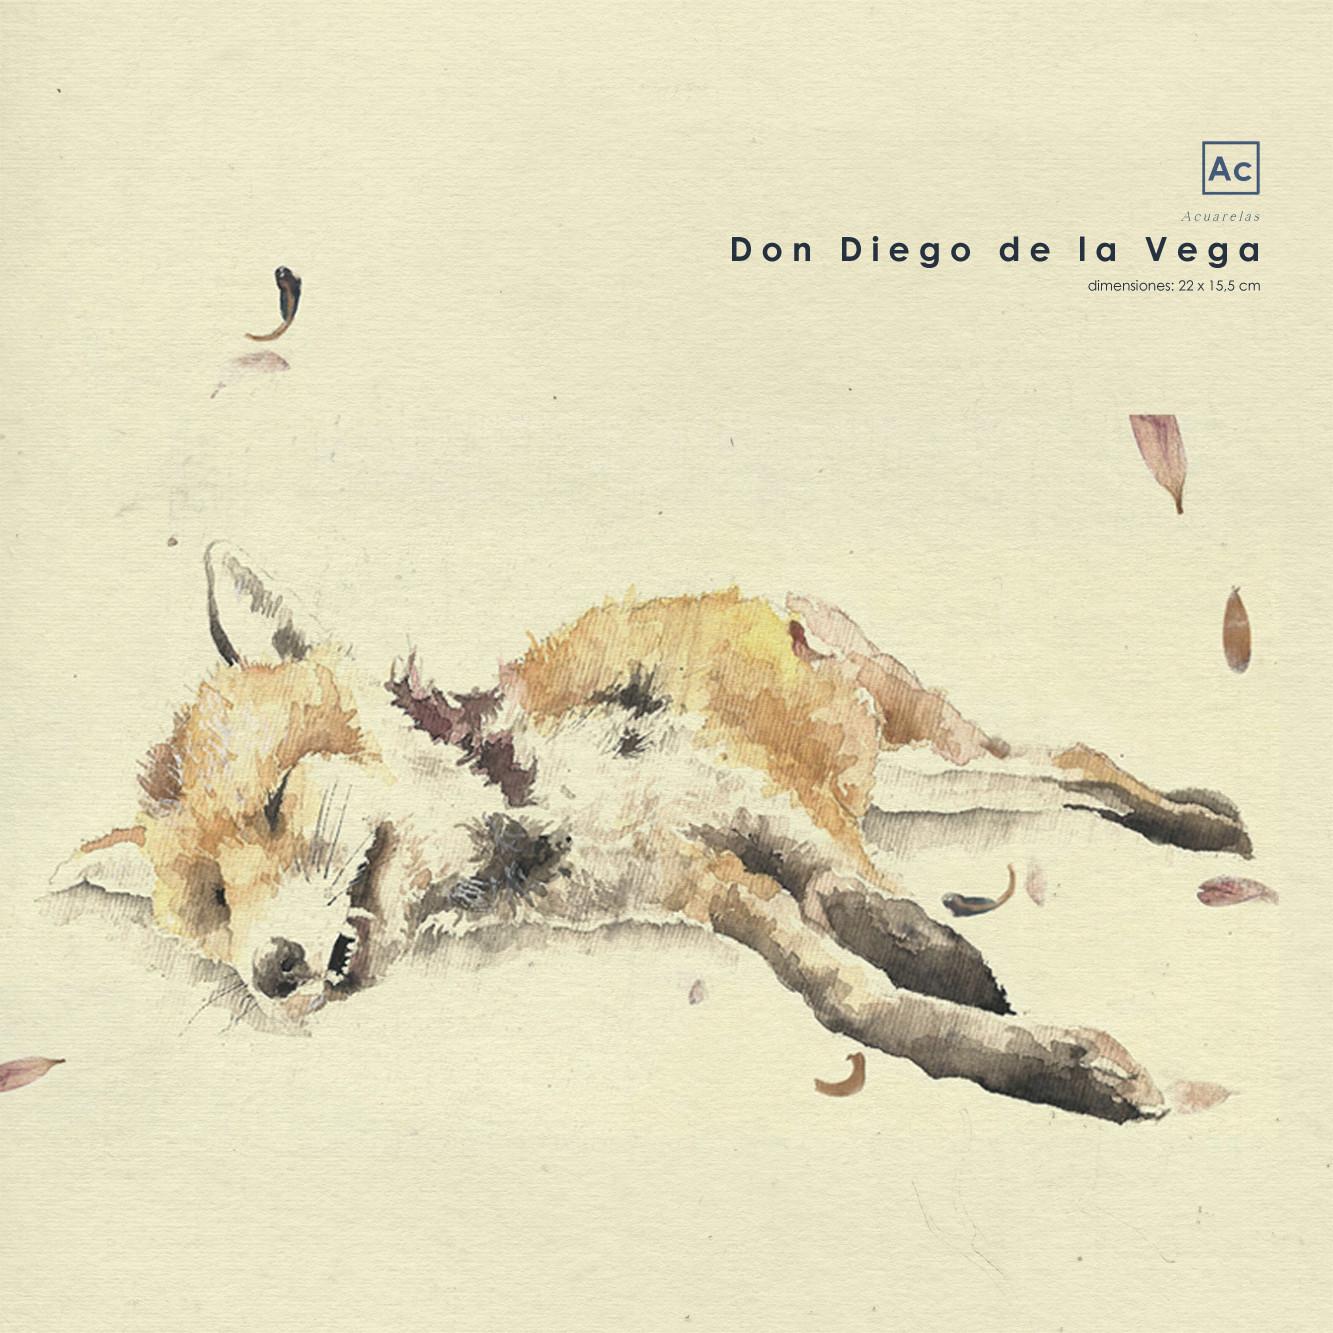 Don Diego de la Vega